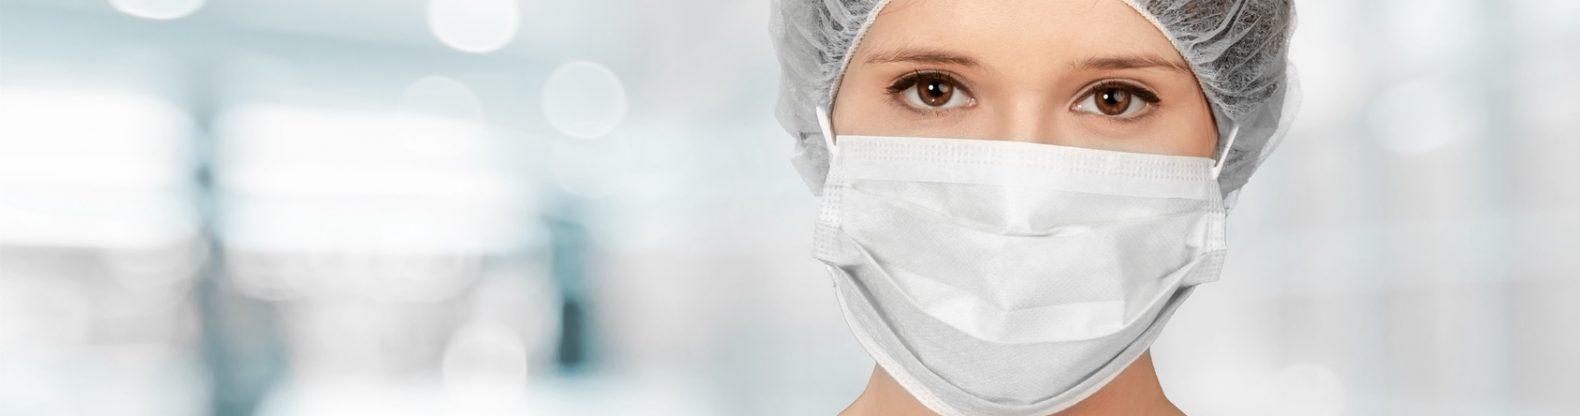 Contagio e lockdown, una dottoressa con la mascherina